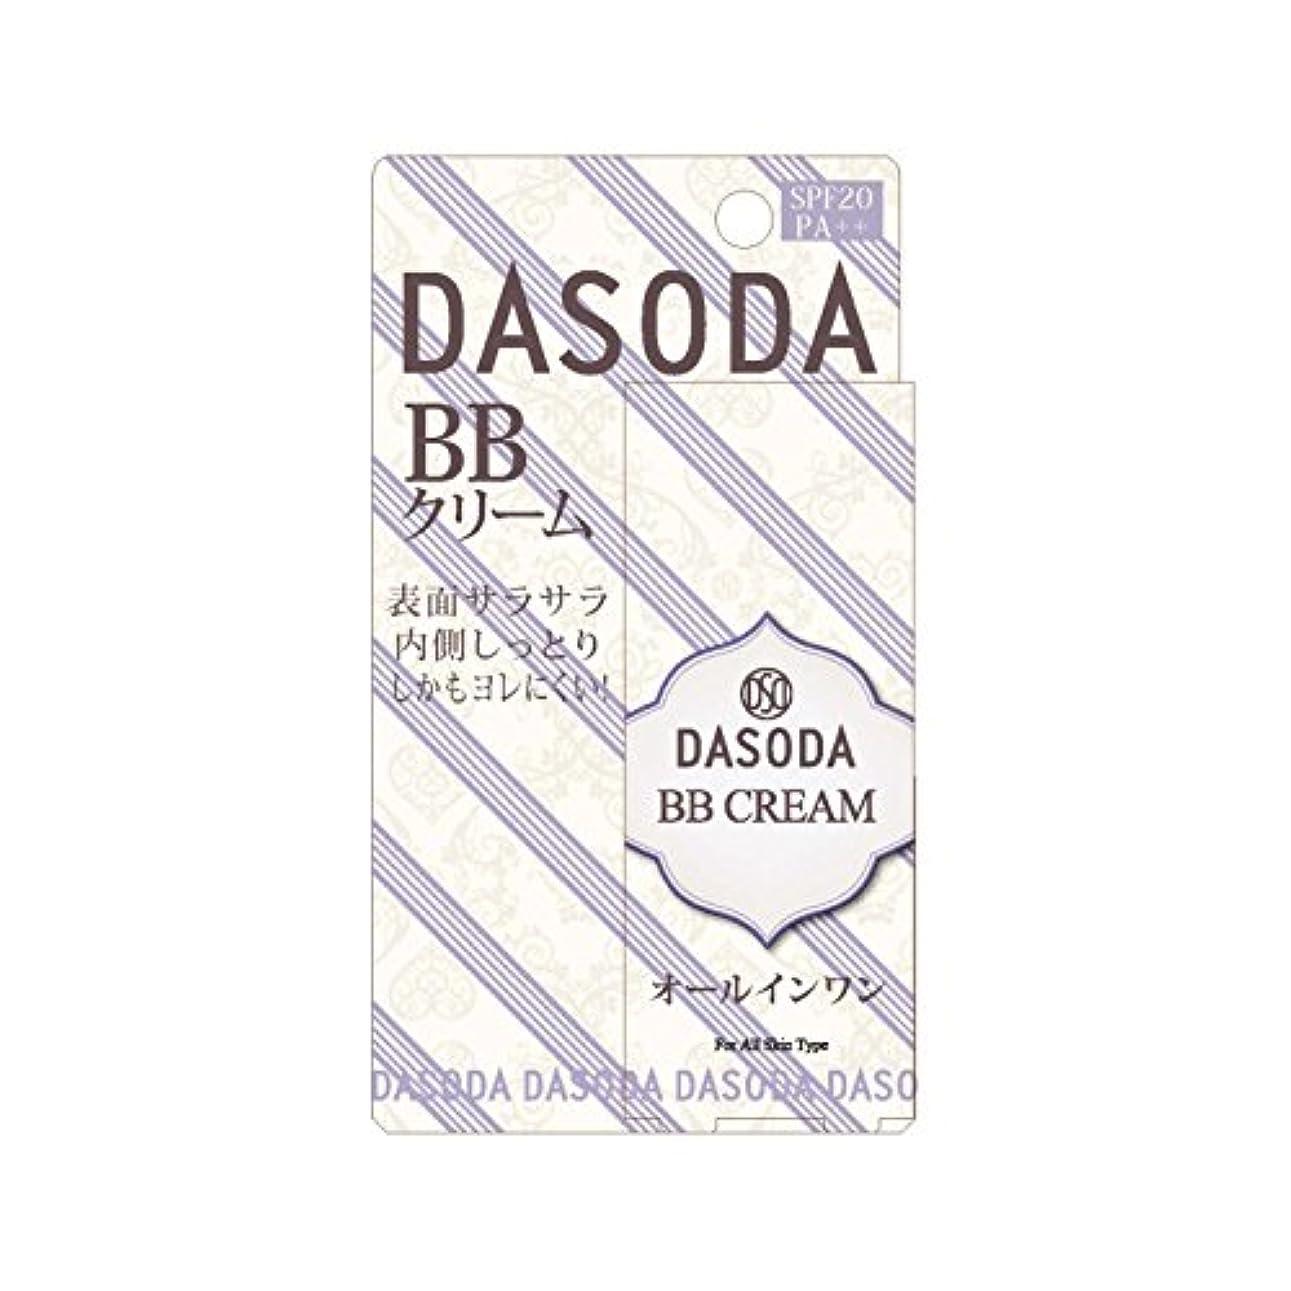 トーン製品断線ダソダ エフシー BBクリーム 30g